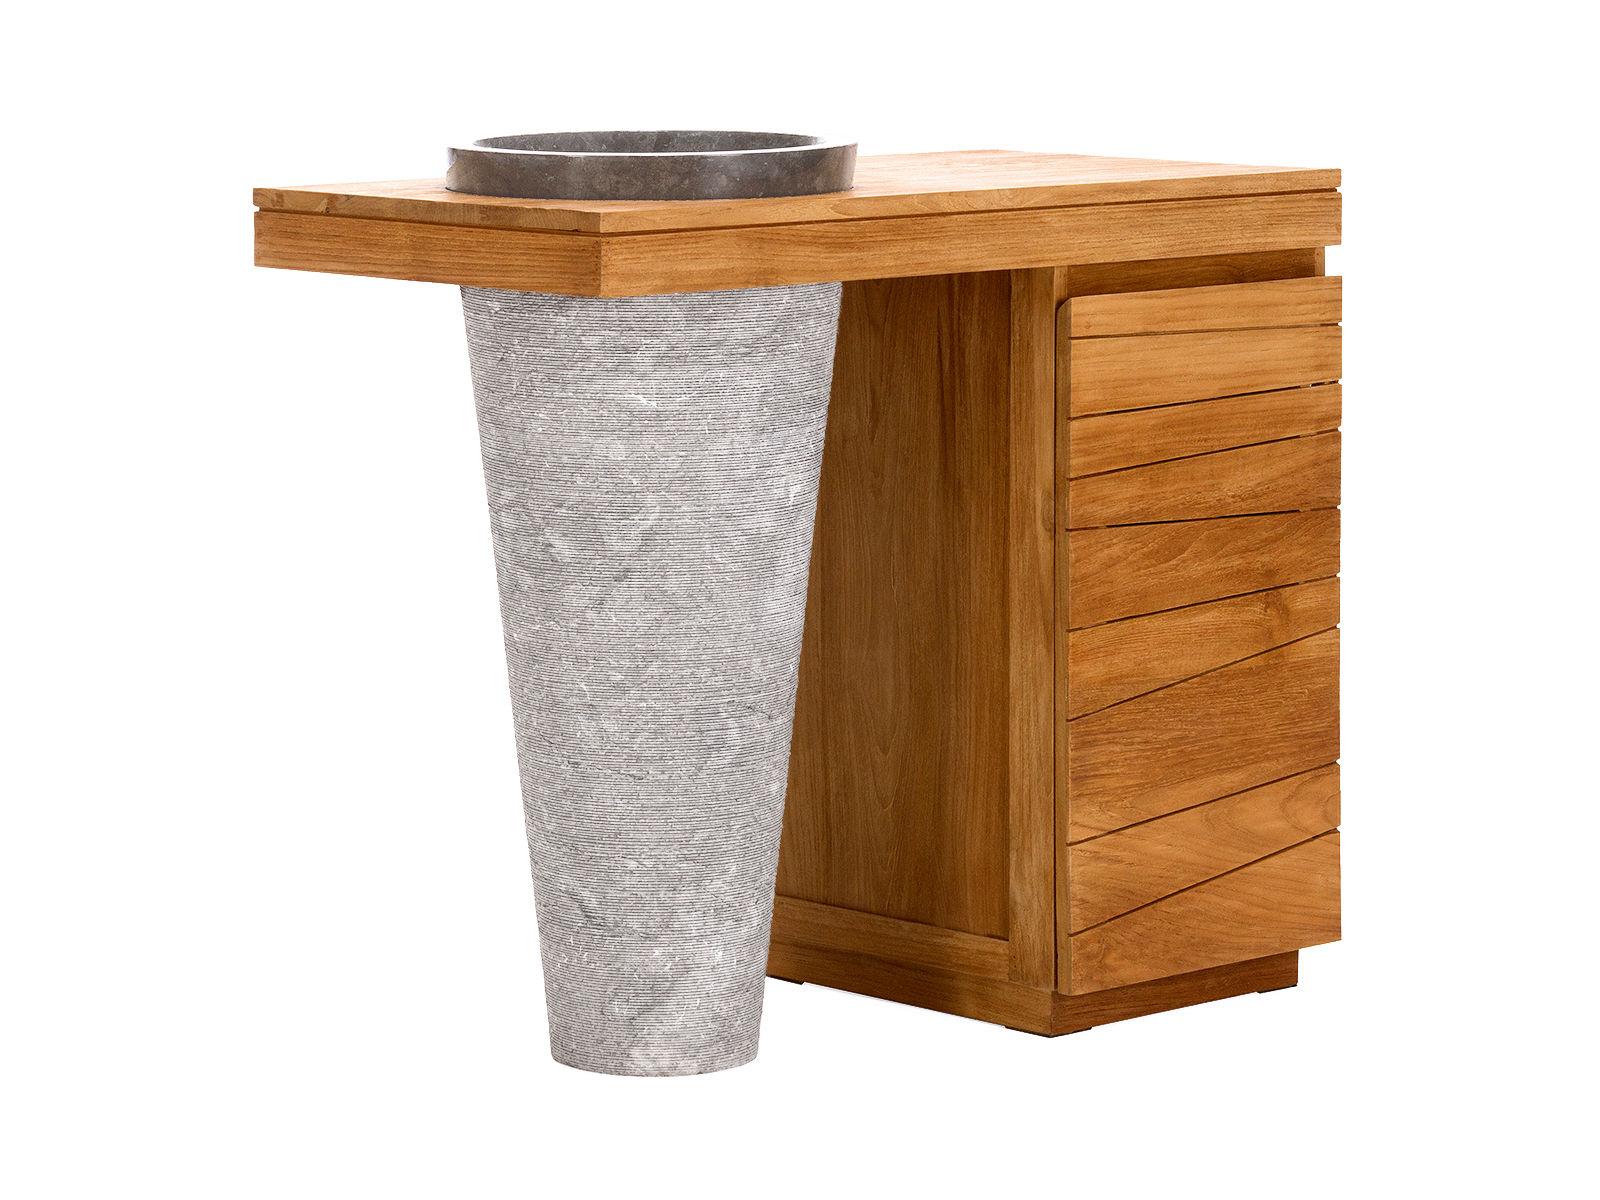 Full Size of Waschbecken Badezimmer Outdoor Küche Kaufen Keramik Edelstahl Bad Wohnzimmer Outdoor Waschbecken